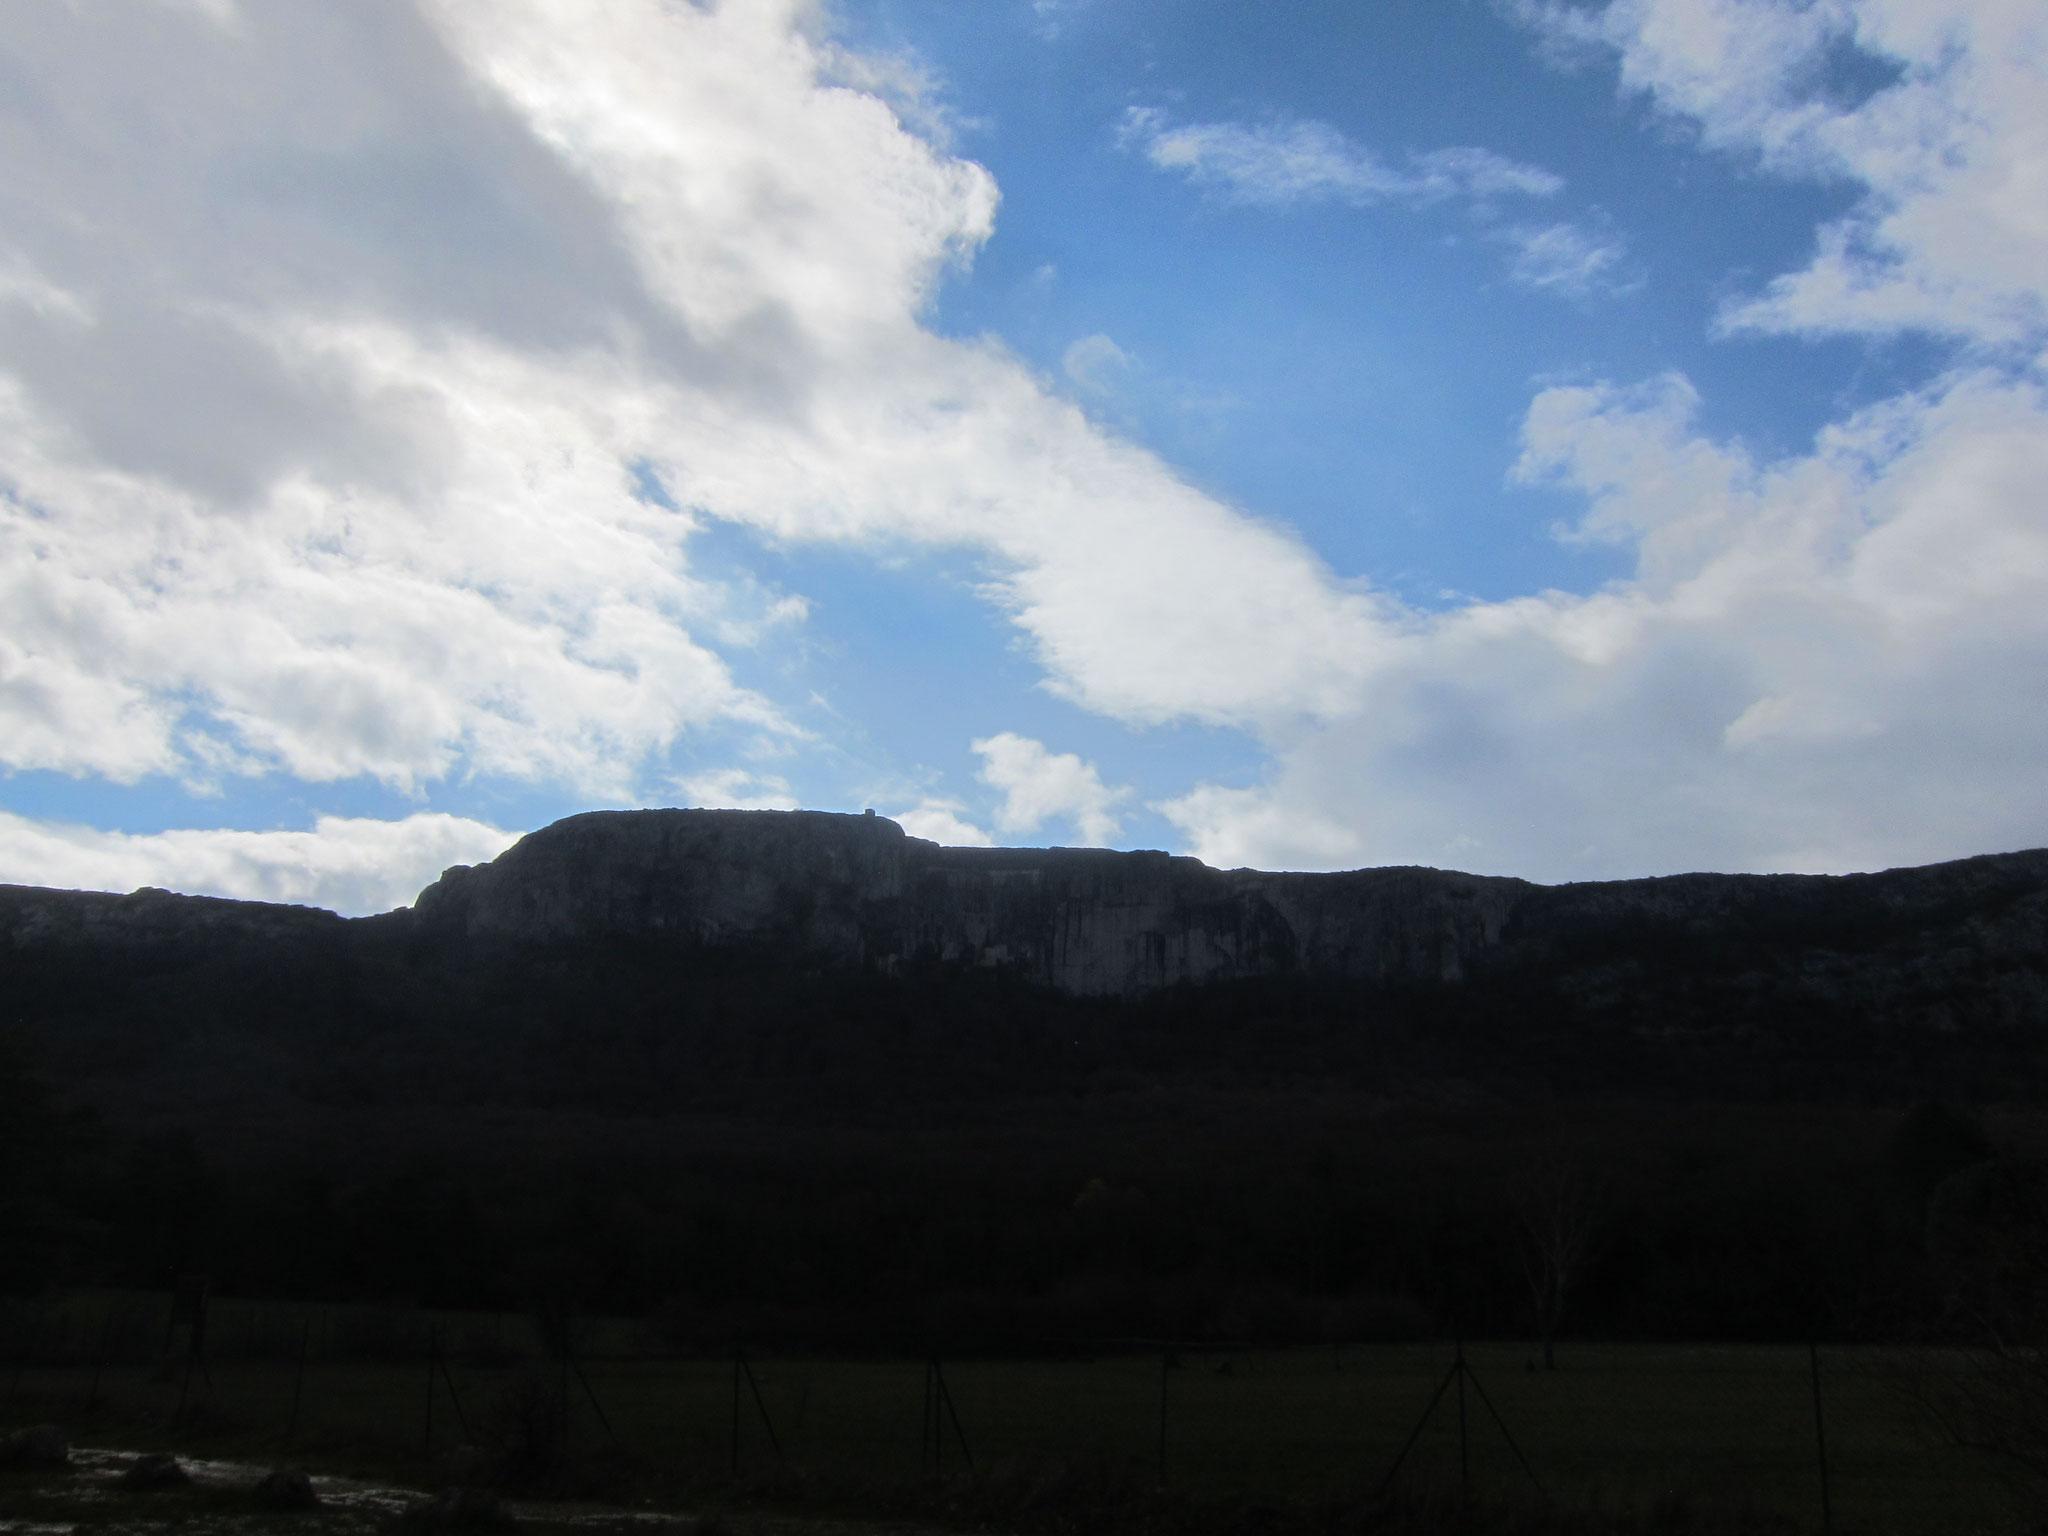 修道会から洞窟のある山を見上げたところ